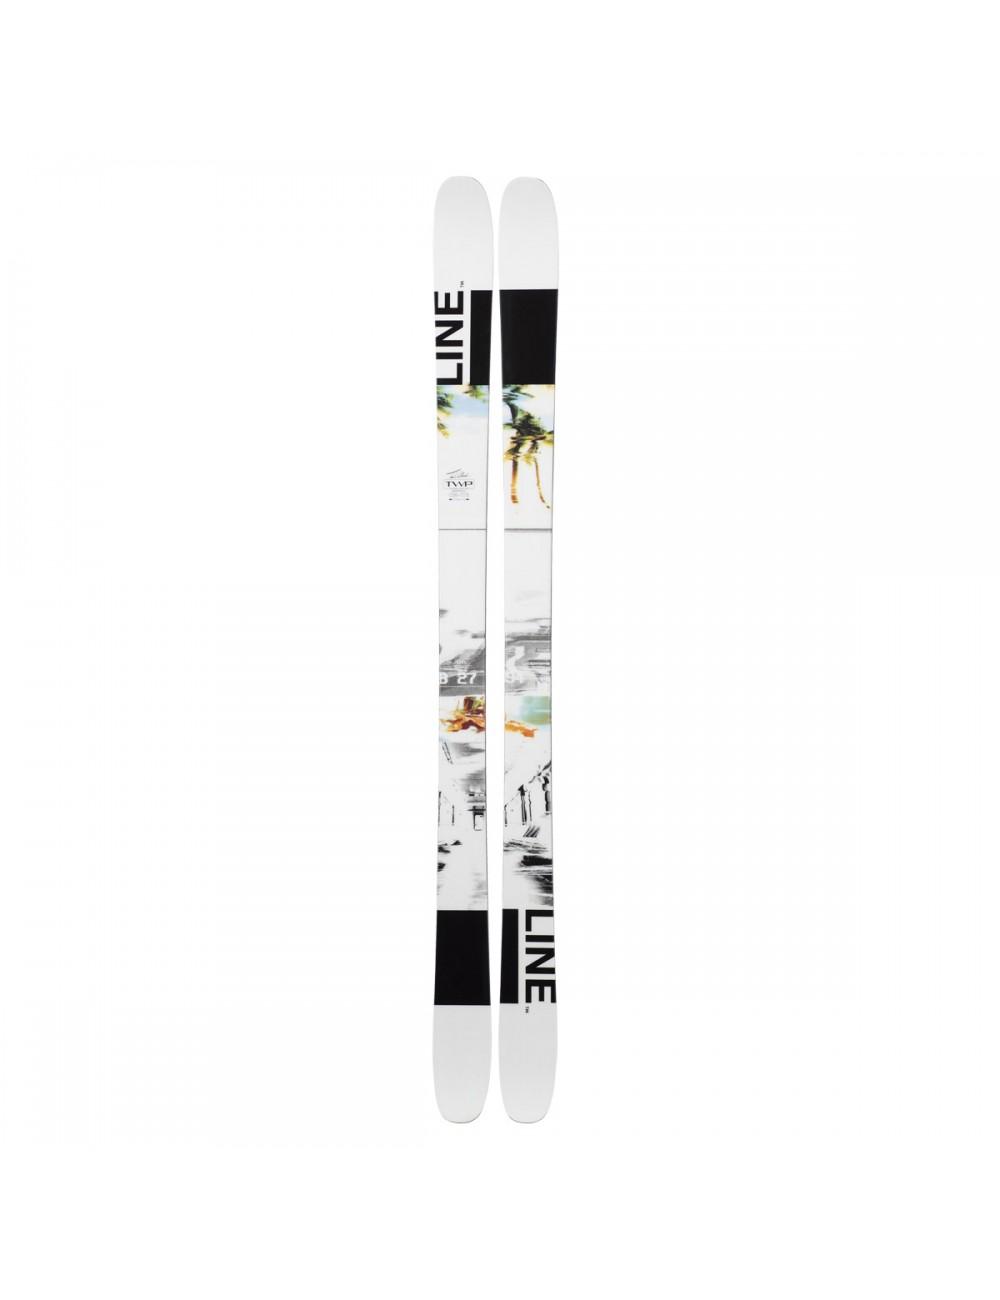 Line Tom Wallisch Ski_1000195